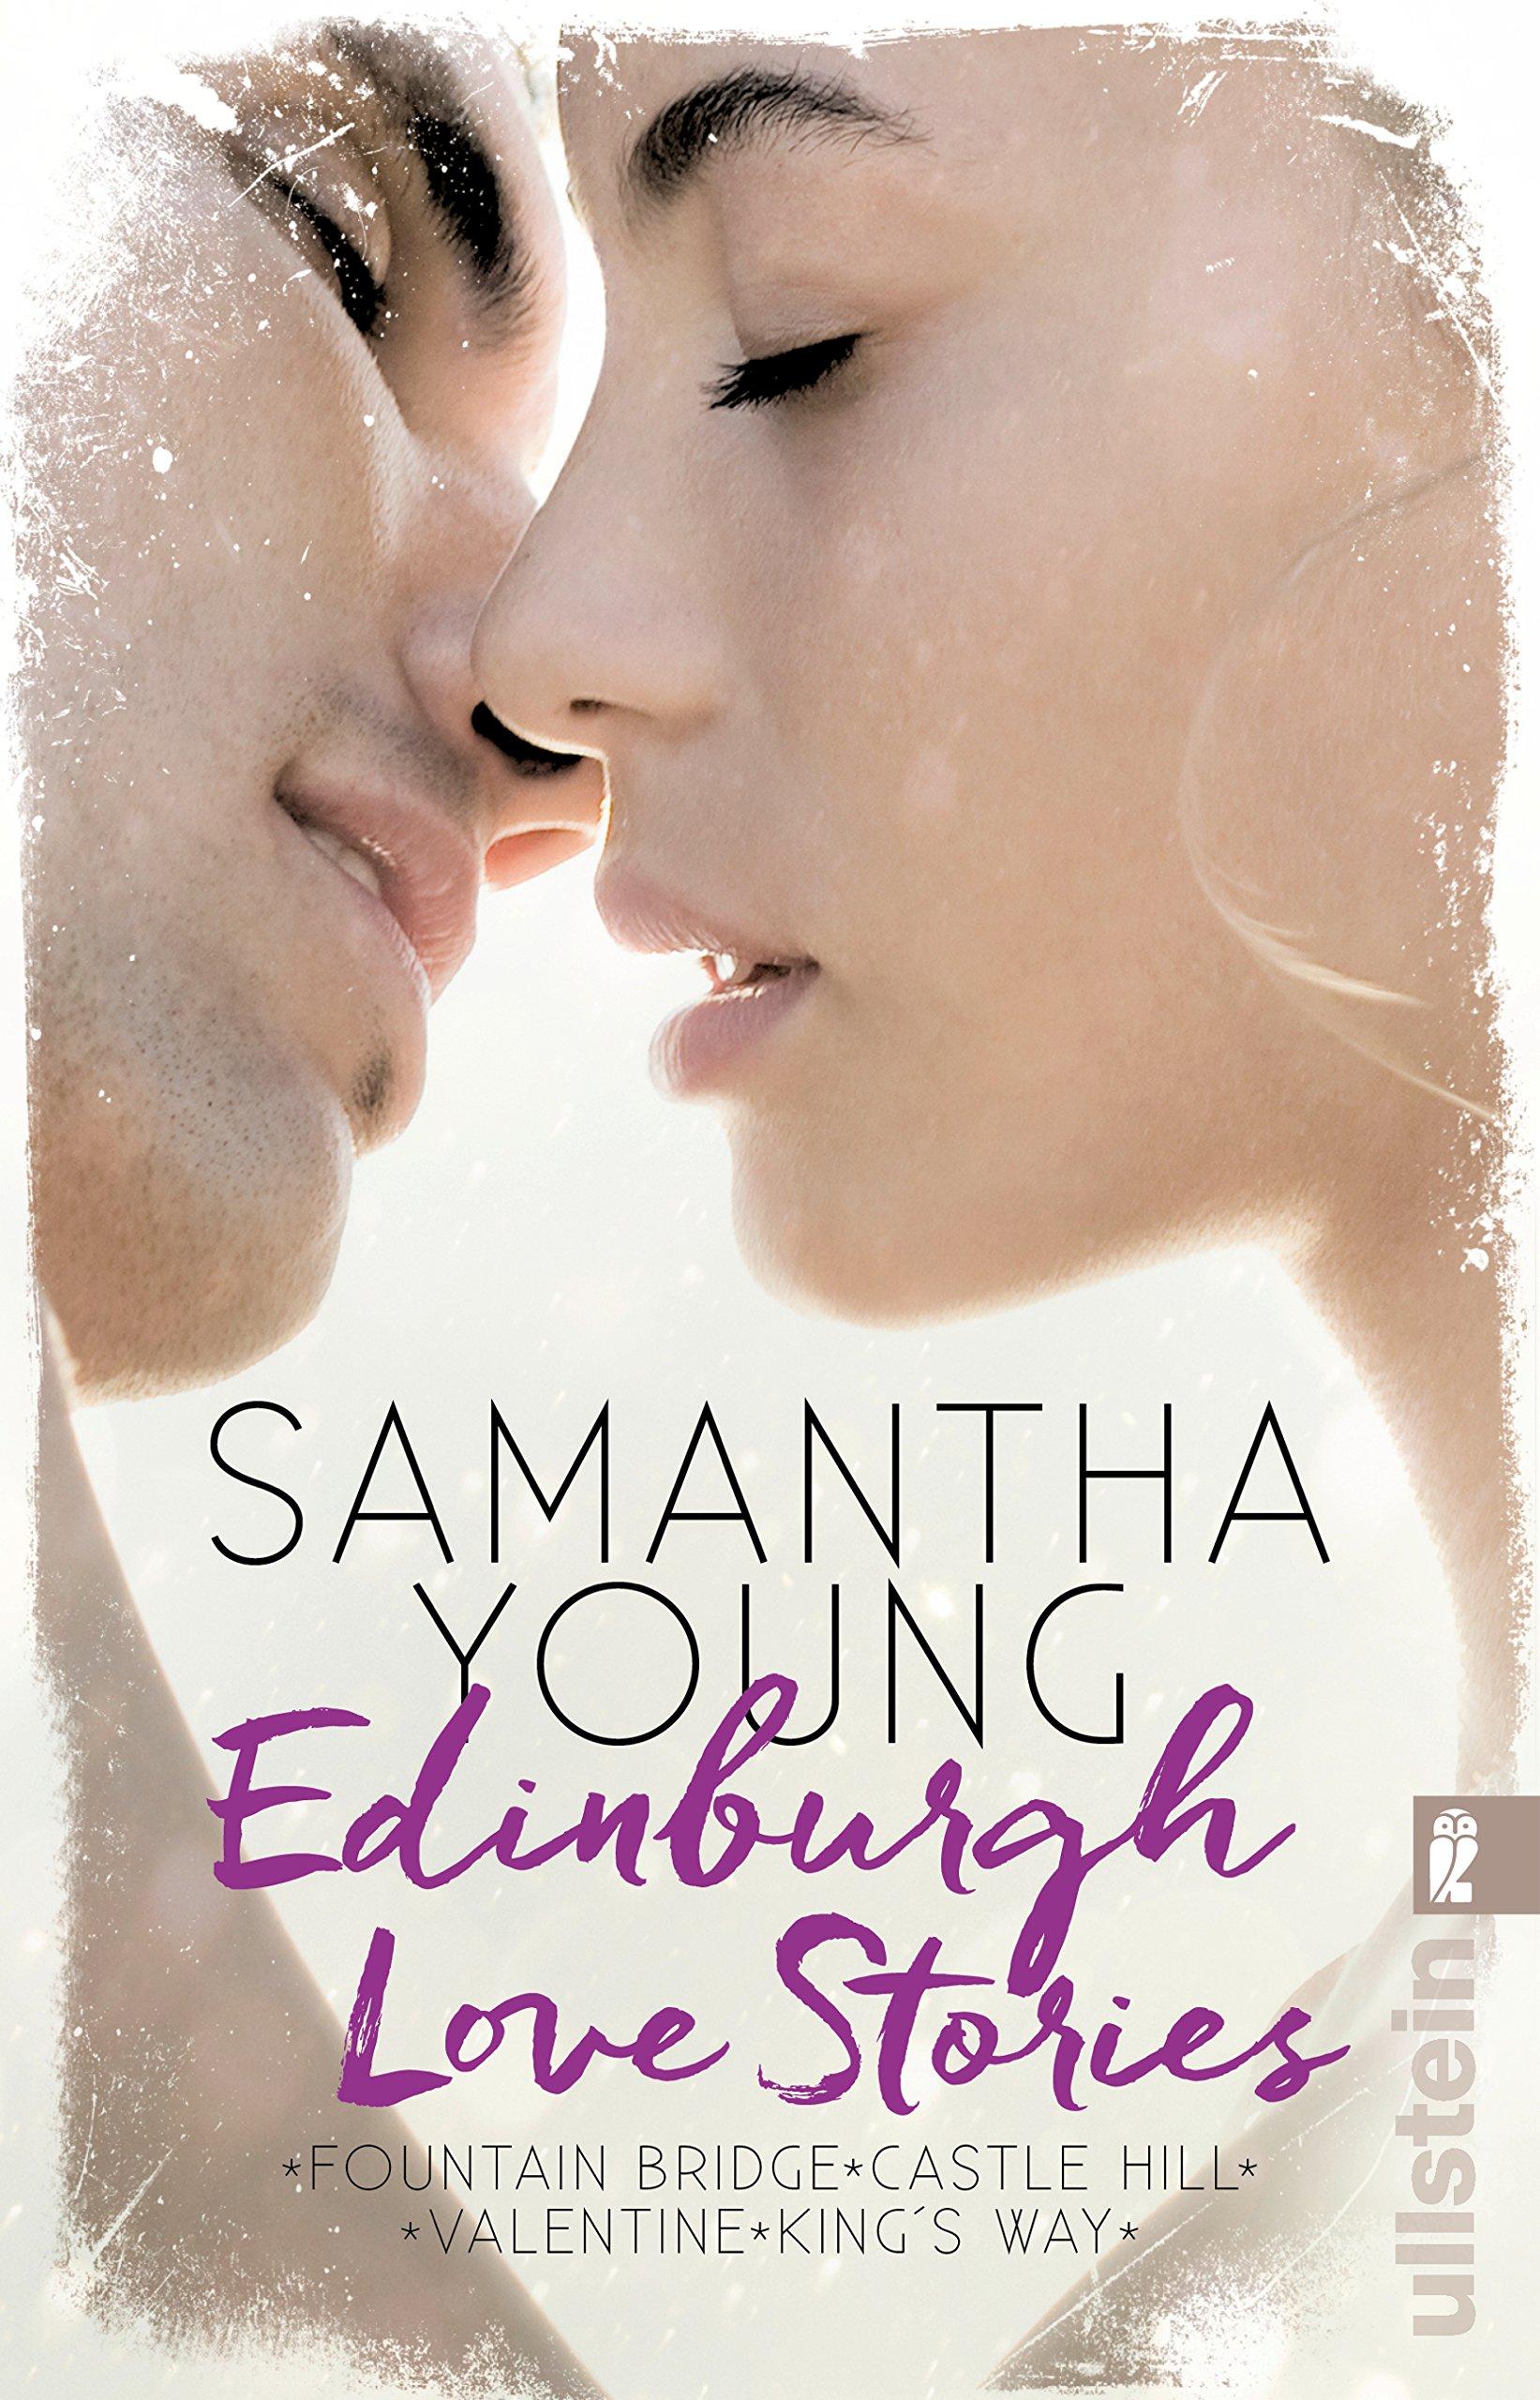 Edinburgh Love Stories: Alle E-Novellas erstmals im Taschenbuch